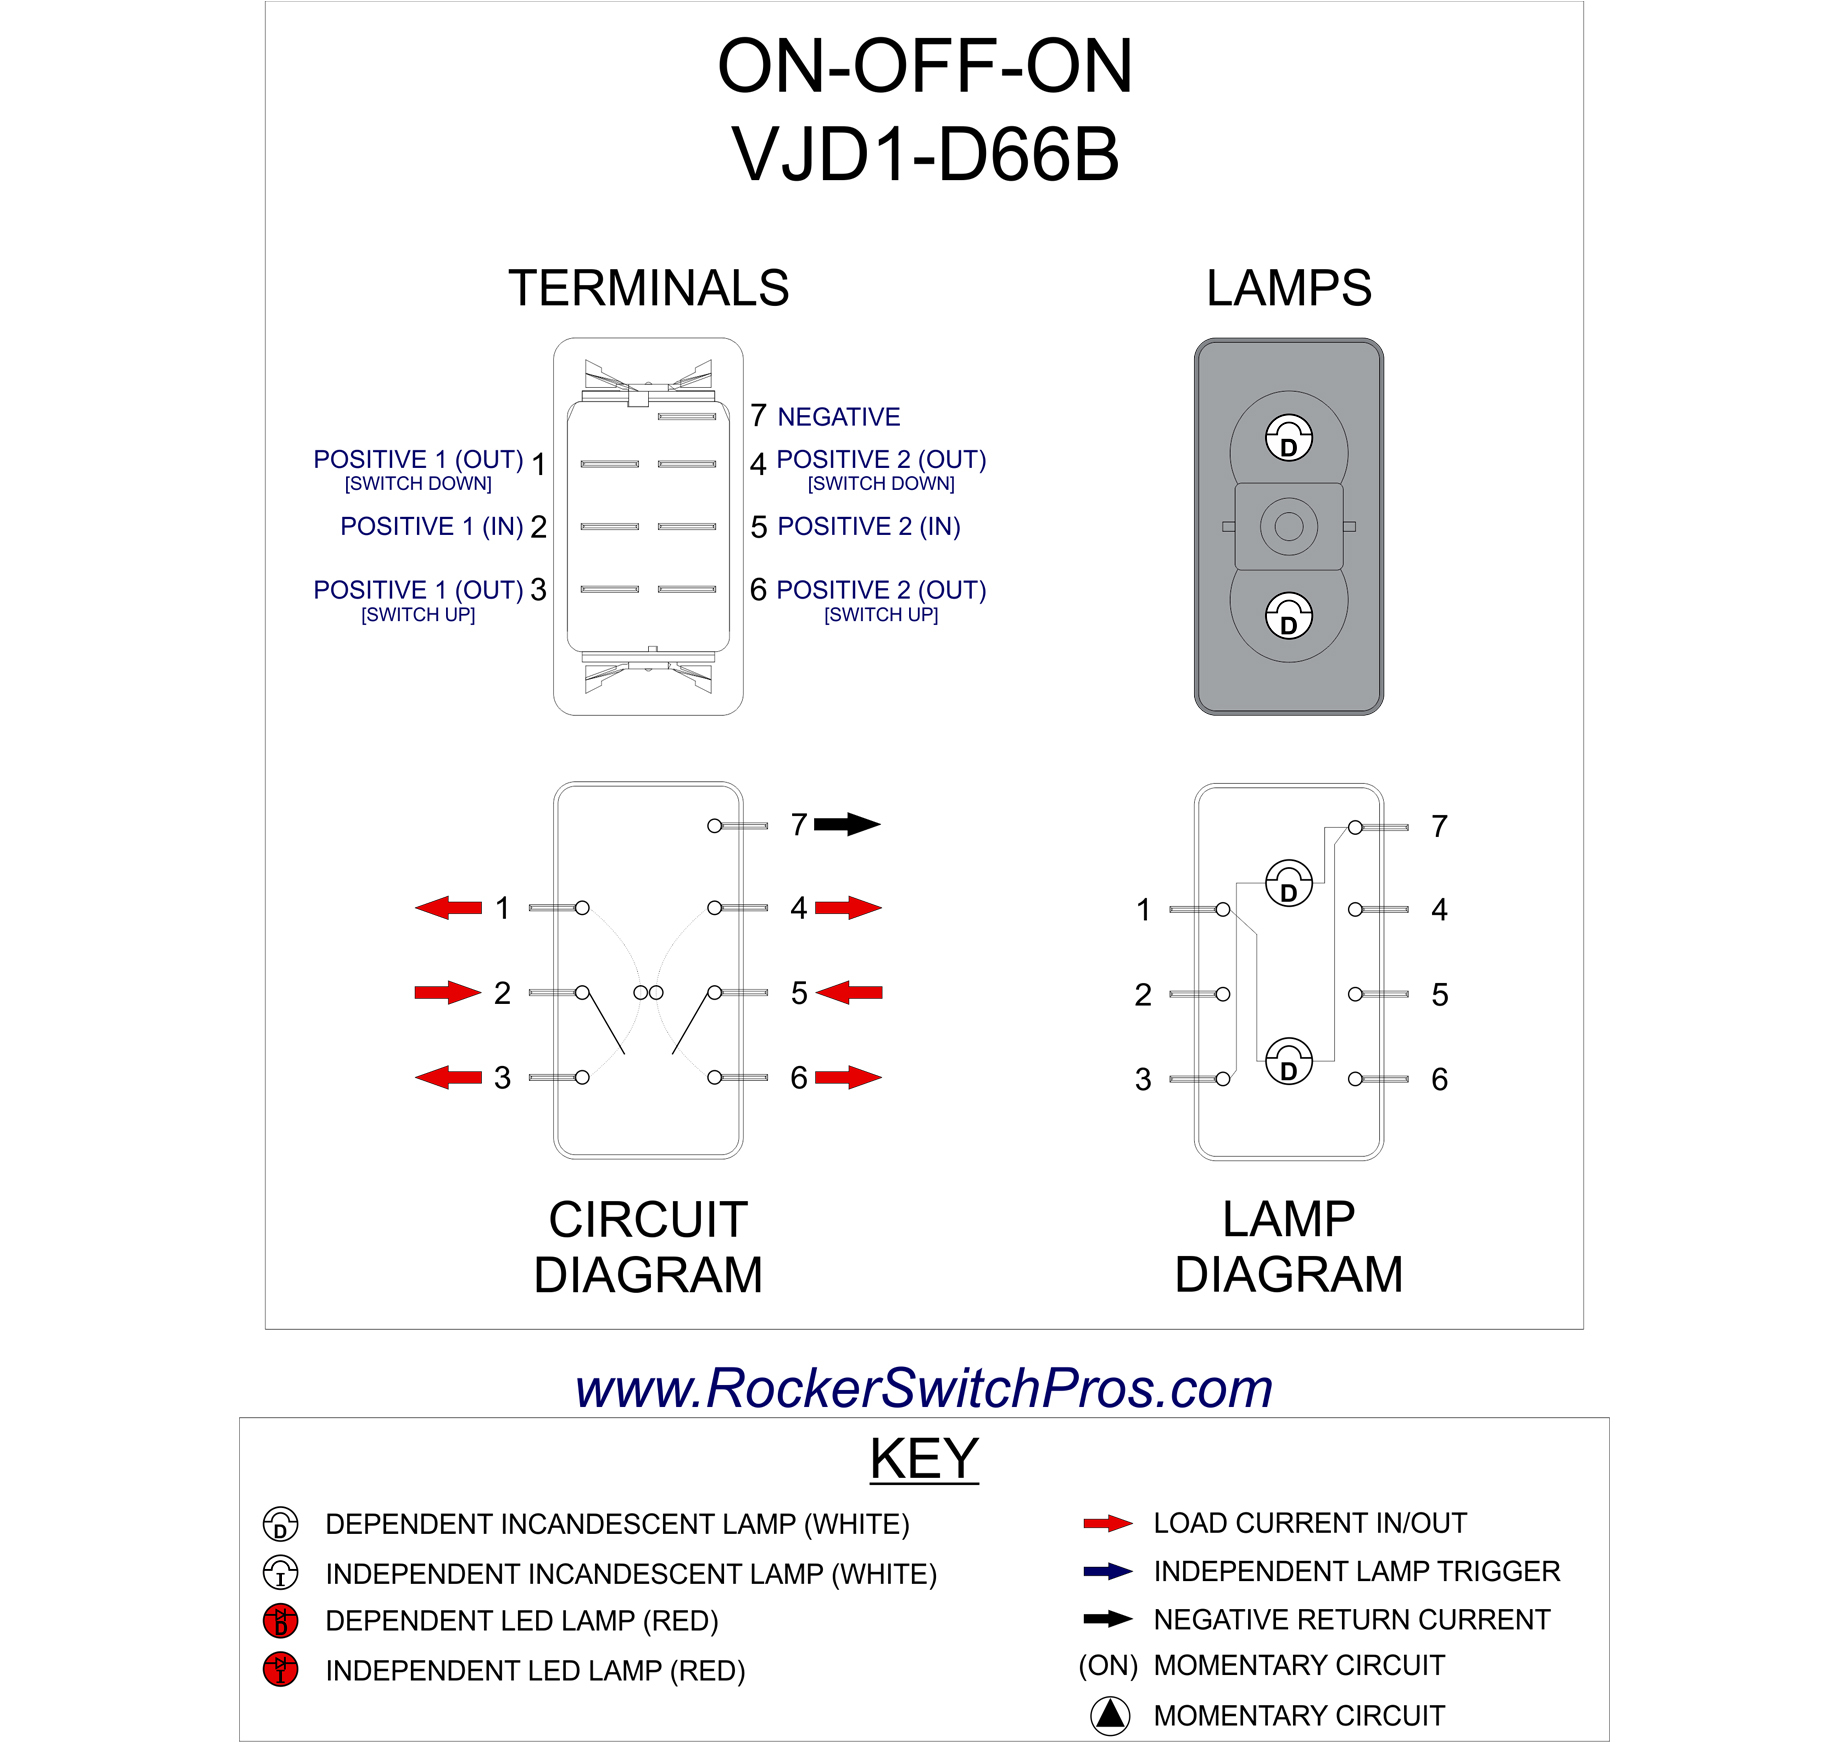 dpst rocker switch wiring diagram Download-Wiring Diagram Roc 12 Rocker Switch ON OFF DPDT 2 Dep Lights 2-s